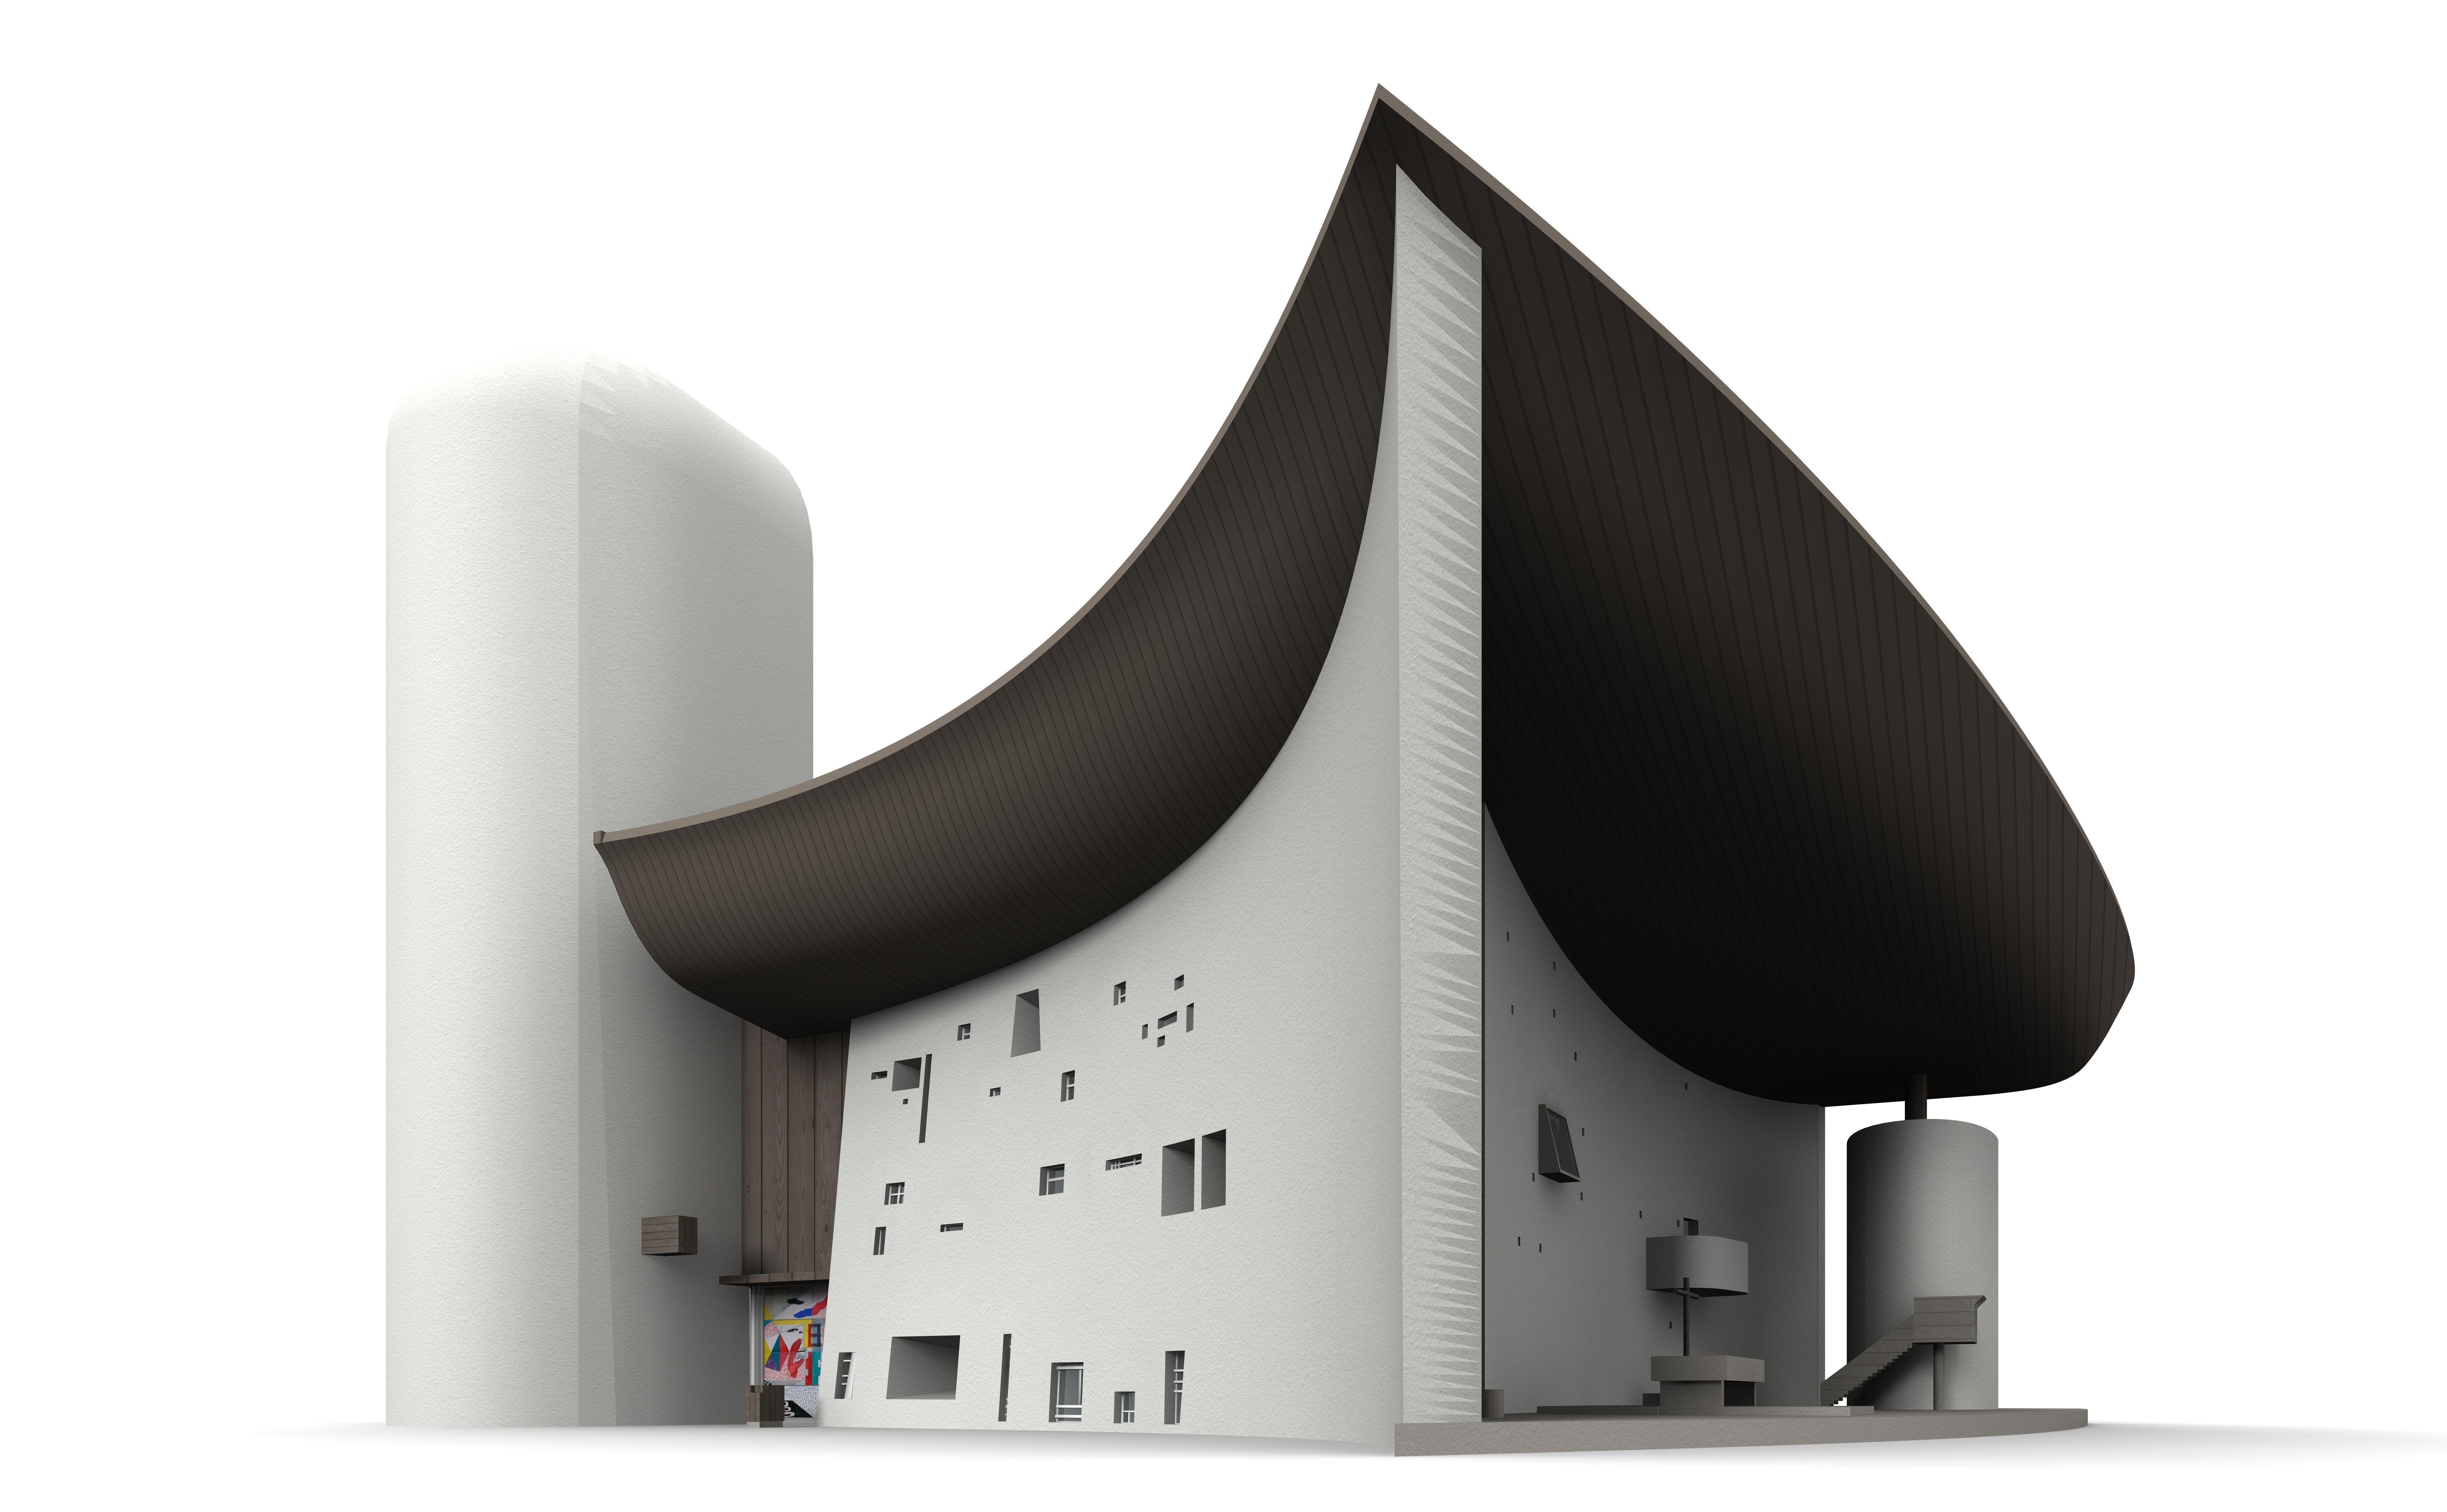 Notre Dame du Haut de Ronchamp